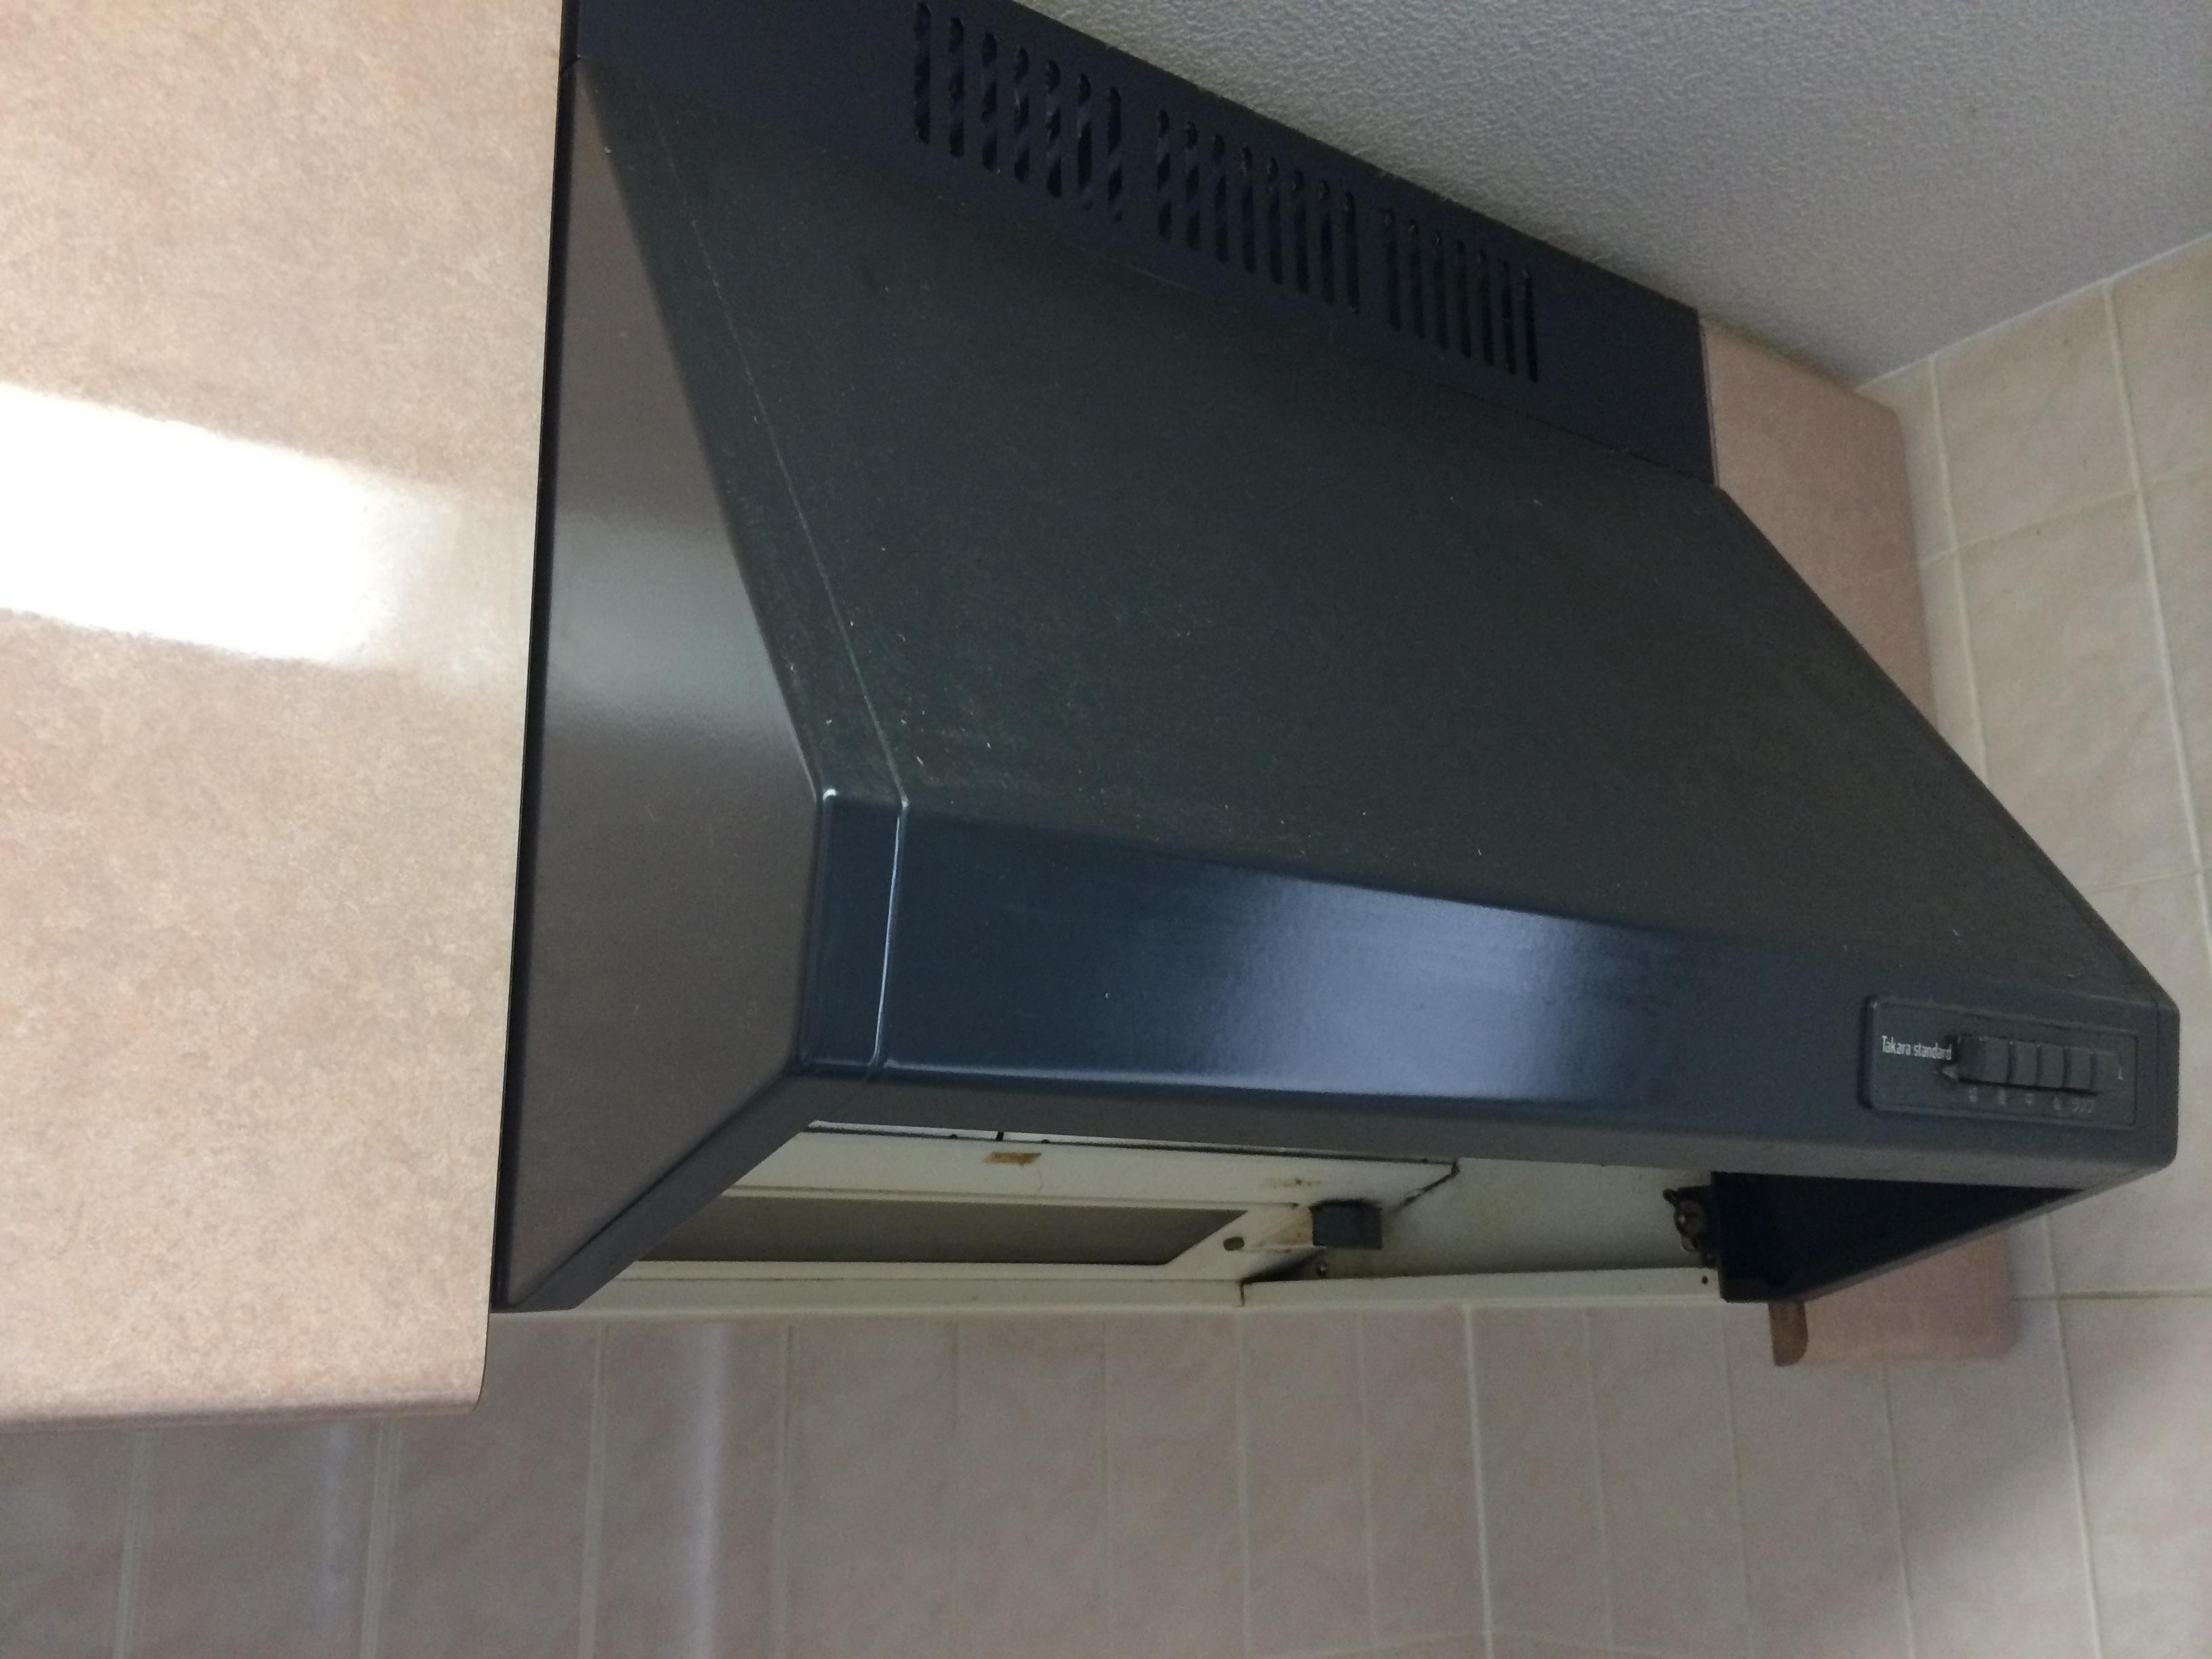 富士工業 レンジフード BDR-3HL-601 / ハーマン ガスコンロ DG32K3SS 交換工事